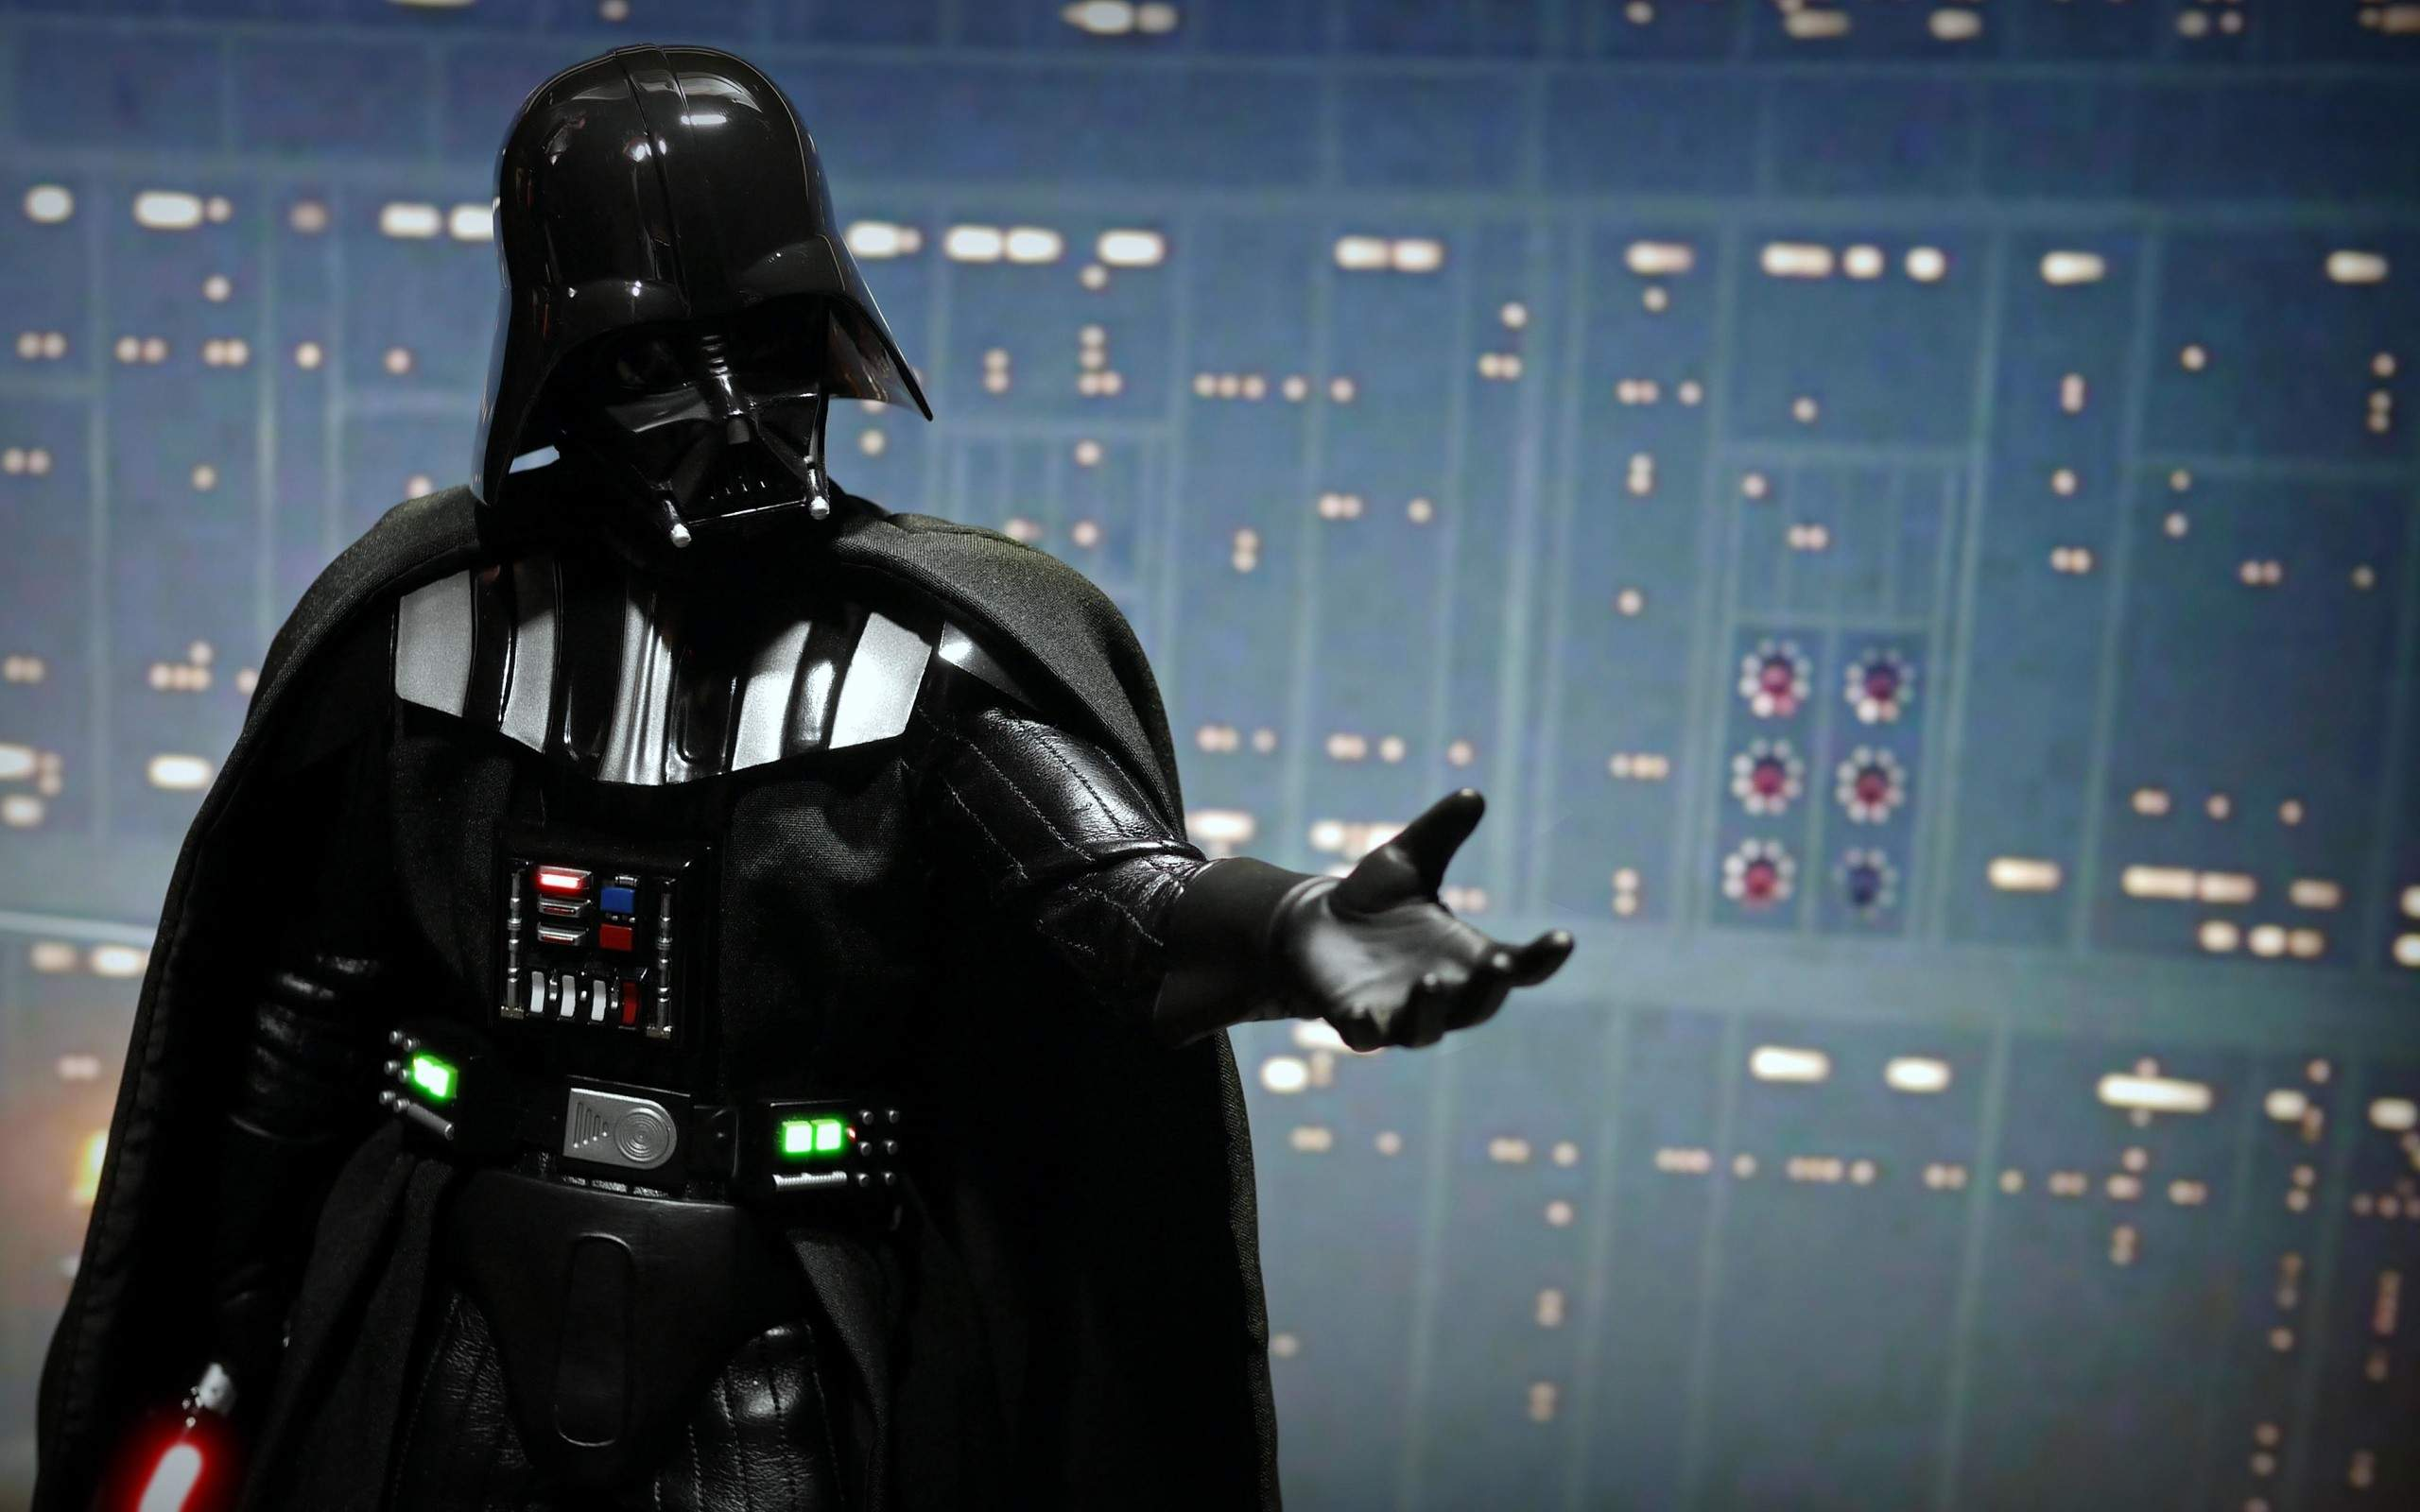 Star Wars Darth Vader Wallpaper Darth Vader On Death Star